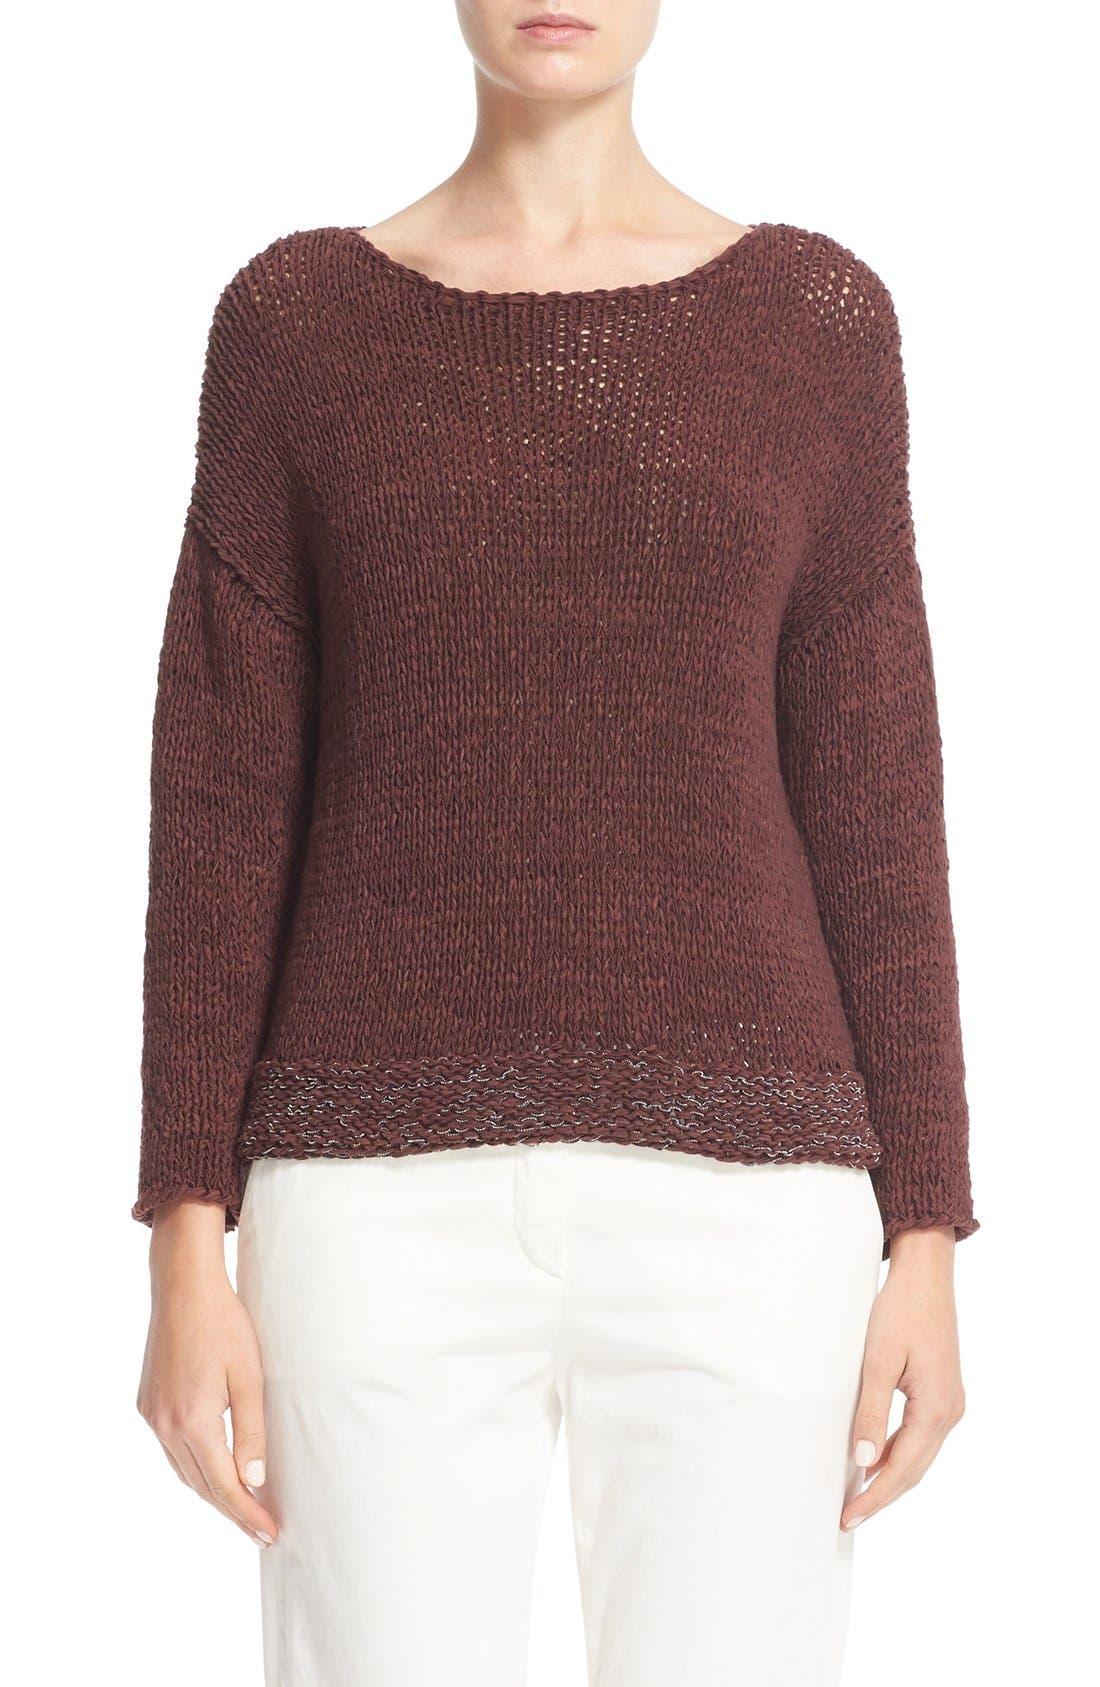 Mollini Trim Cotton Blend Sweater,                             Main thumbnail 1, color,                             601